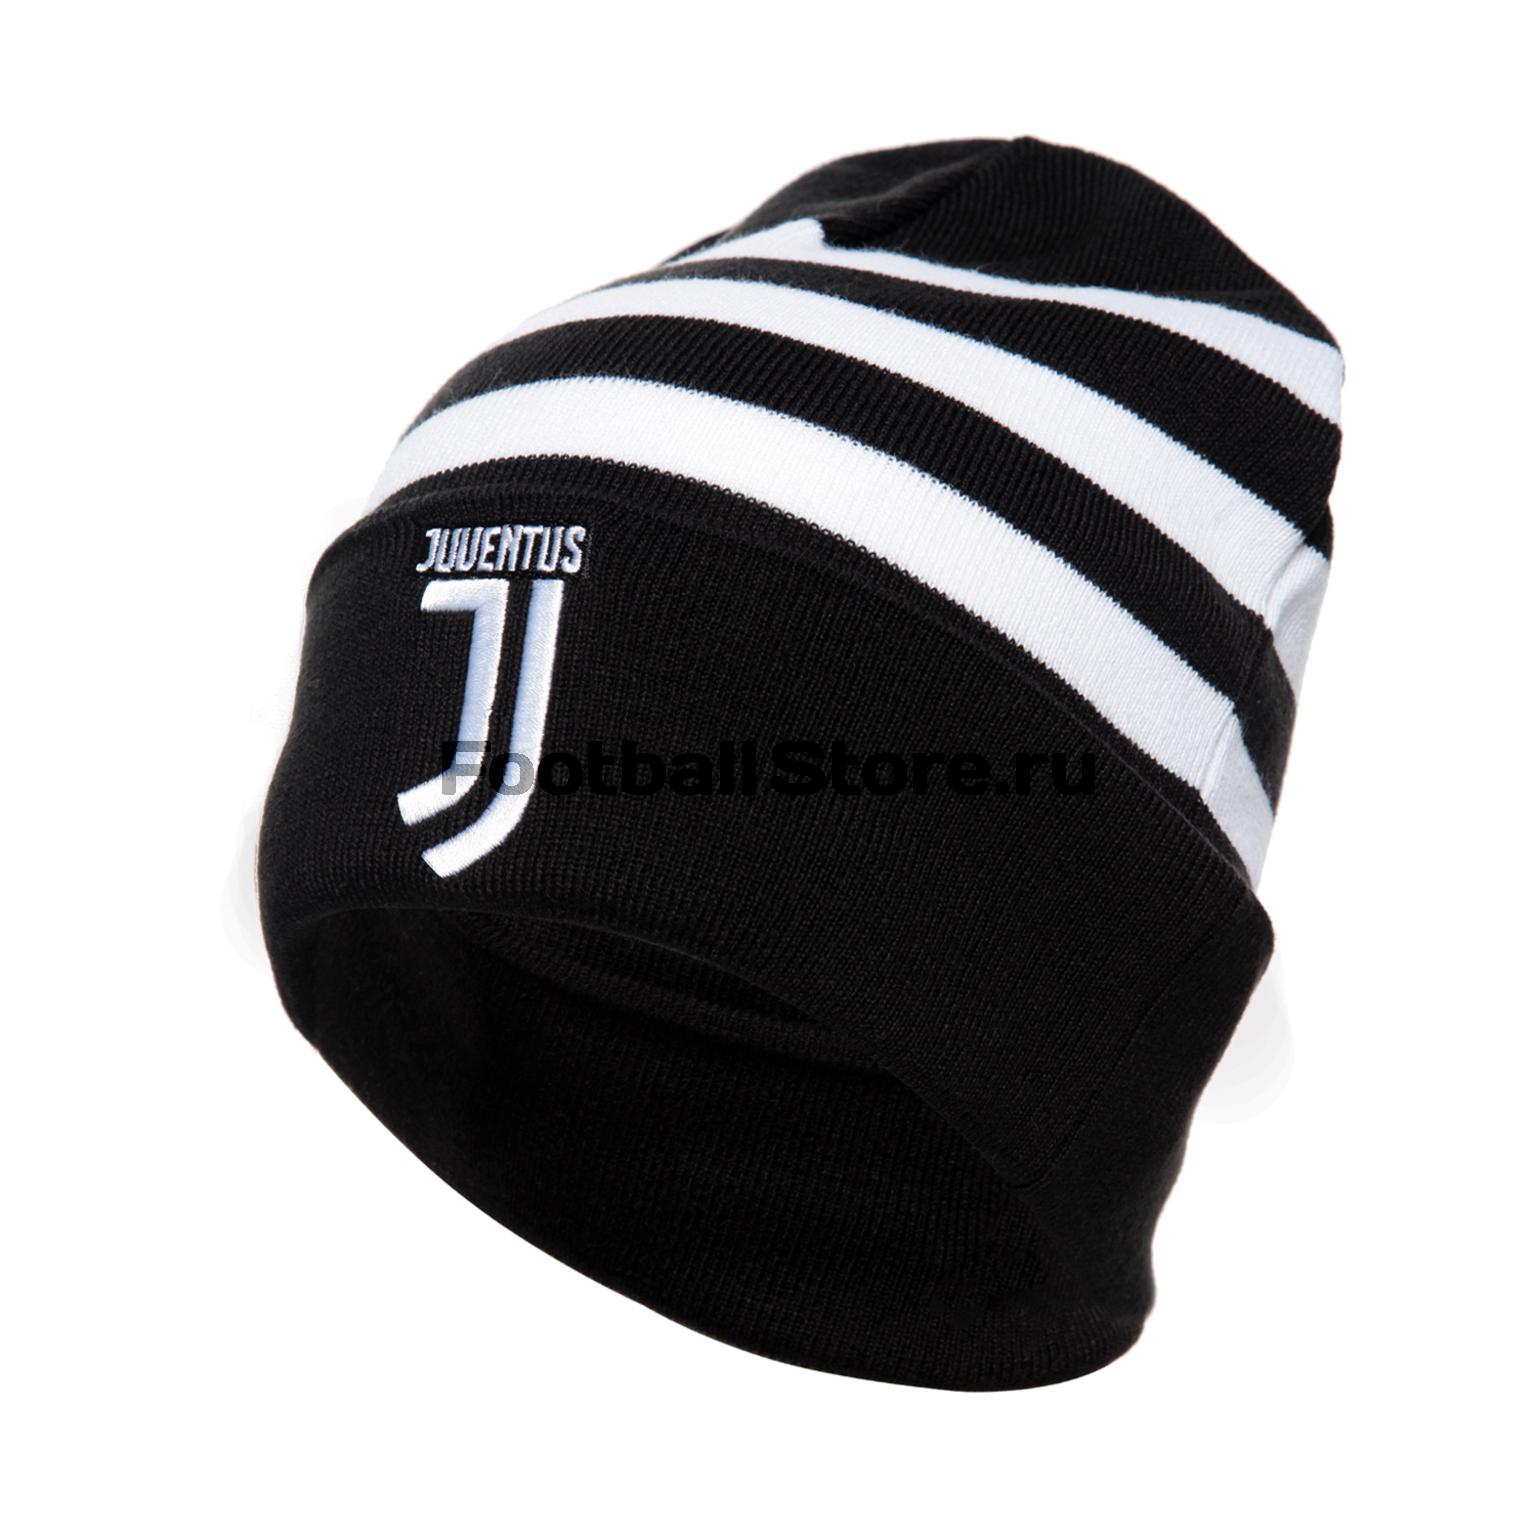 Juventus Adidas Шапка Adidas Juventus Woolie BR7010 juventus tigres